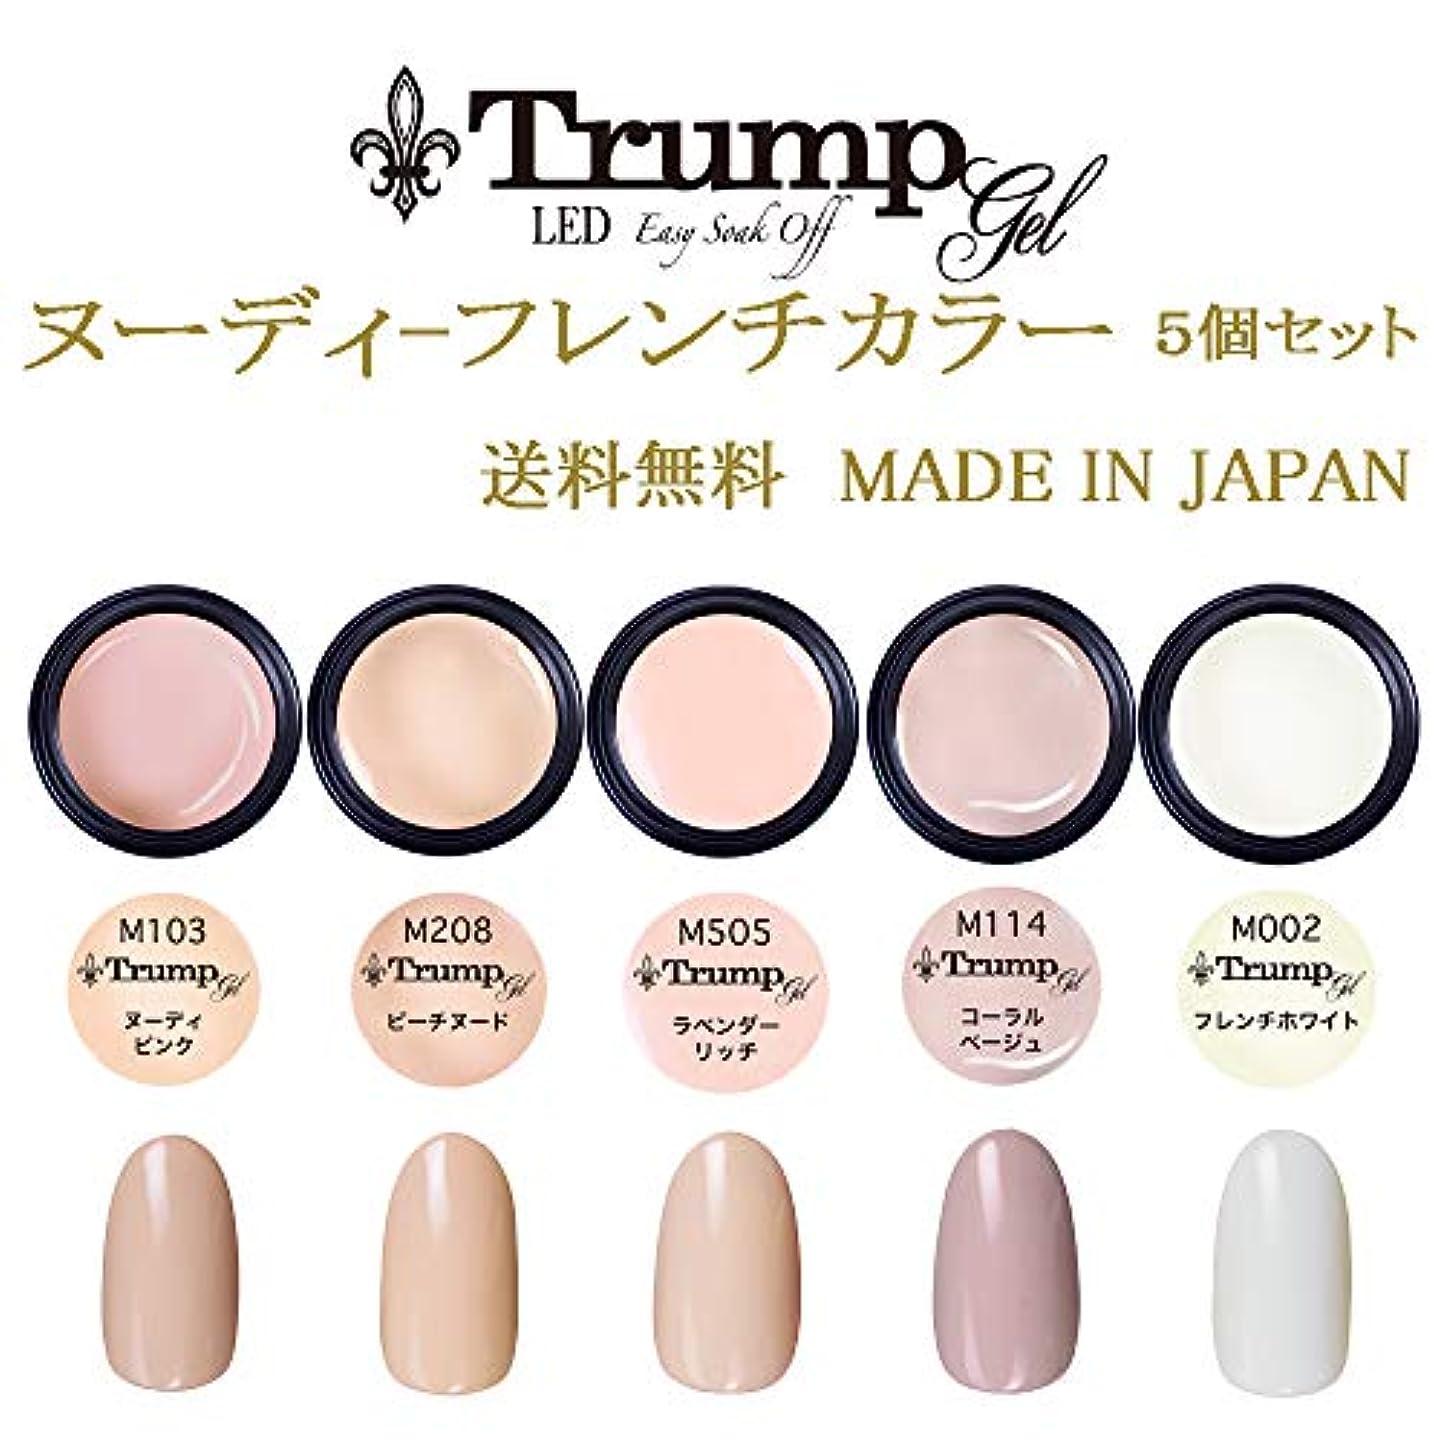 確率悪性のリブ【送料無料】日本製 Trump gel トランプジェルヌーディフレンチカラージェル 5個セット 肌馴染みの良い ヌーデイフレンチカラージェルセット